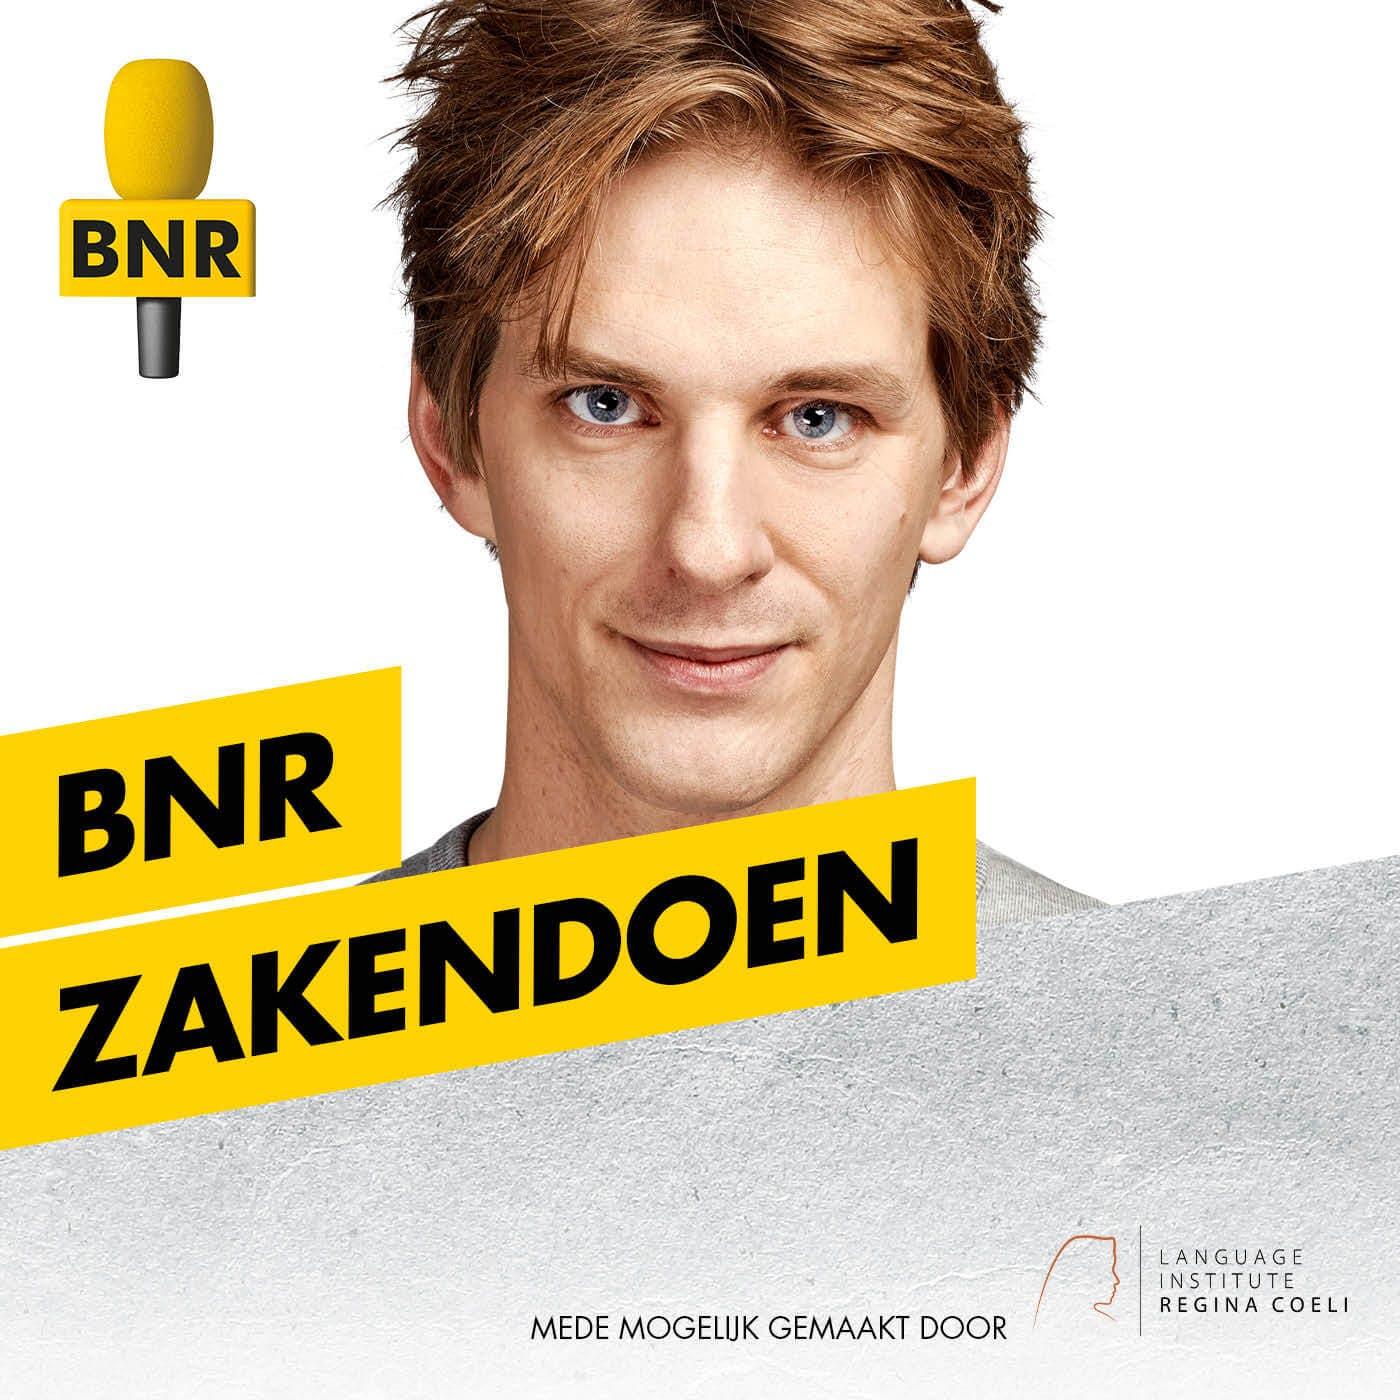 Zakendoen   BNR